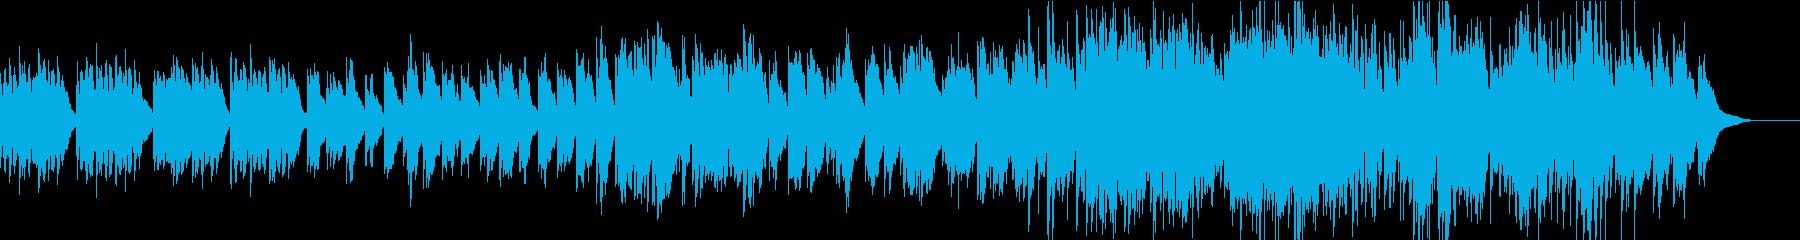 エコーの効いた前向きなピアノソロの再生済みの波形